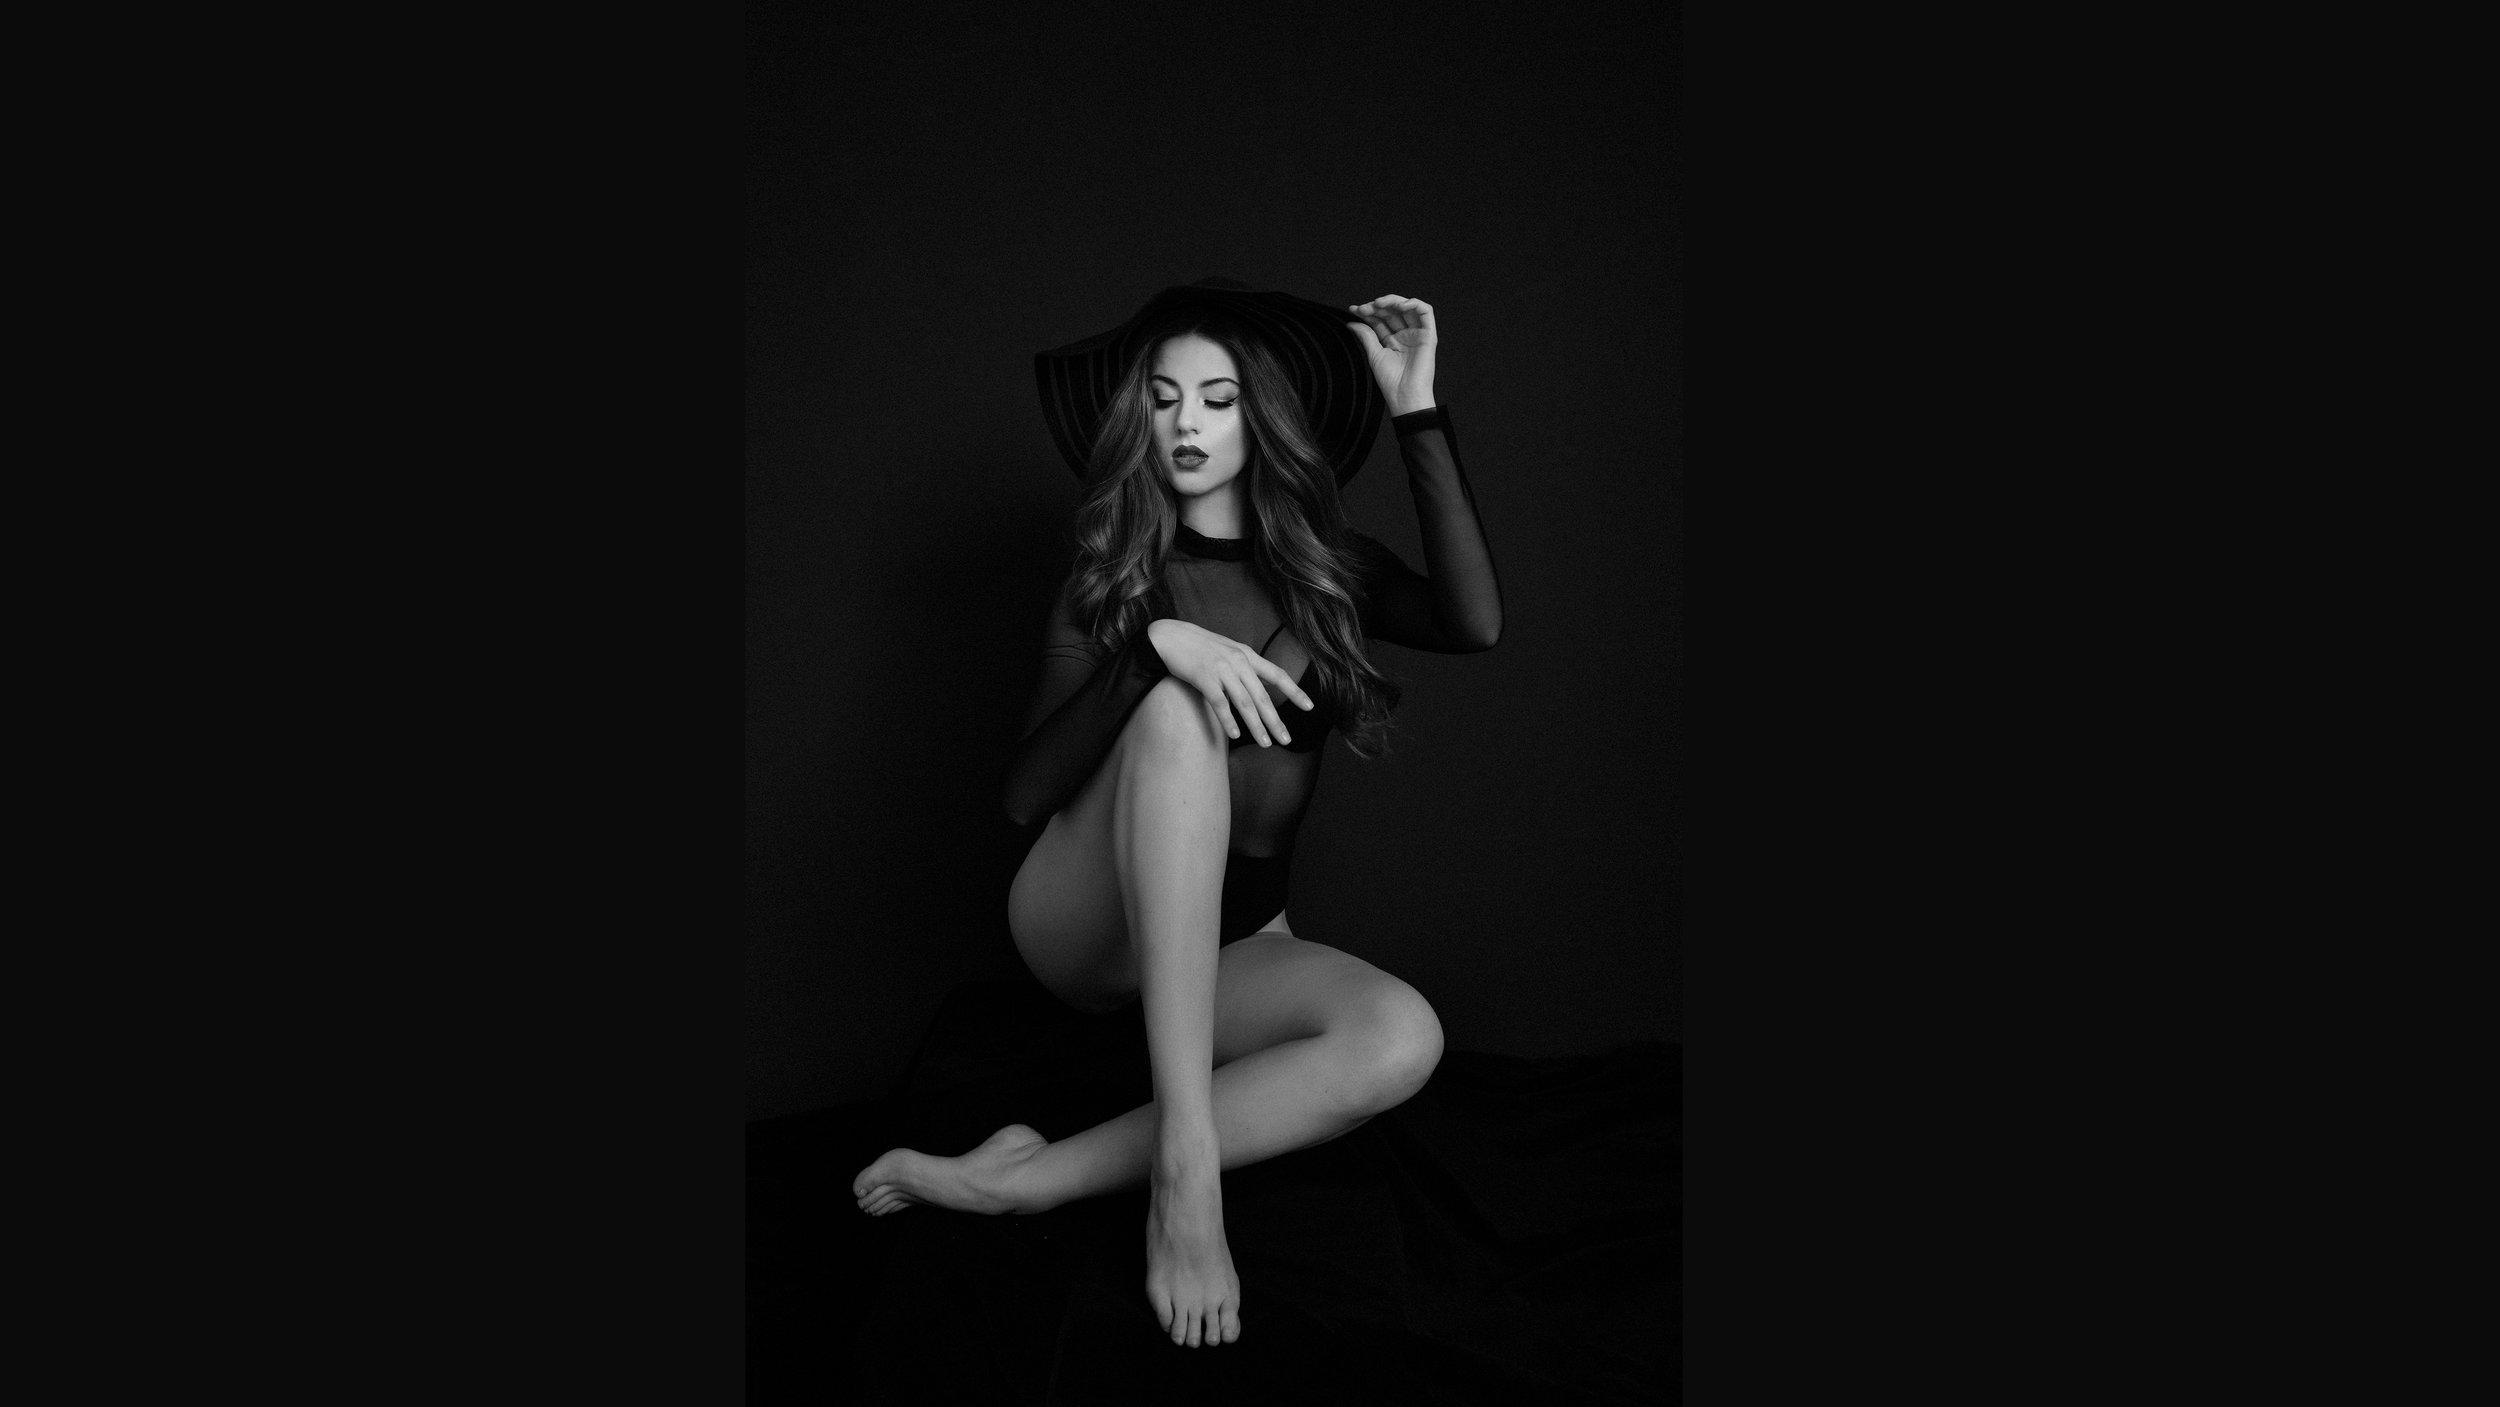 Alicia-Black-Dancer.jpg